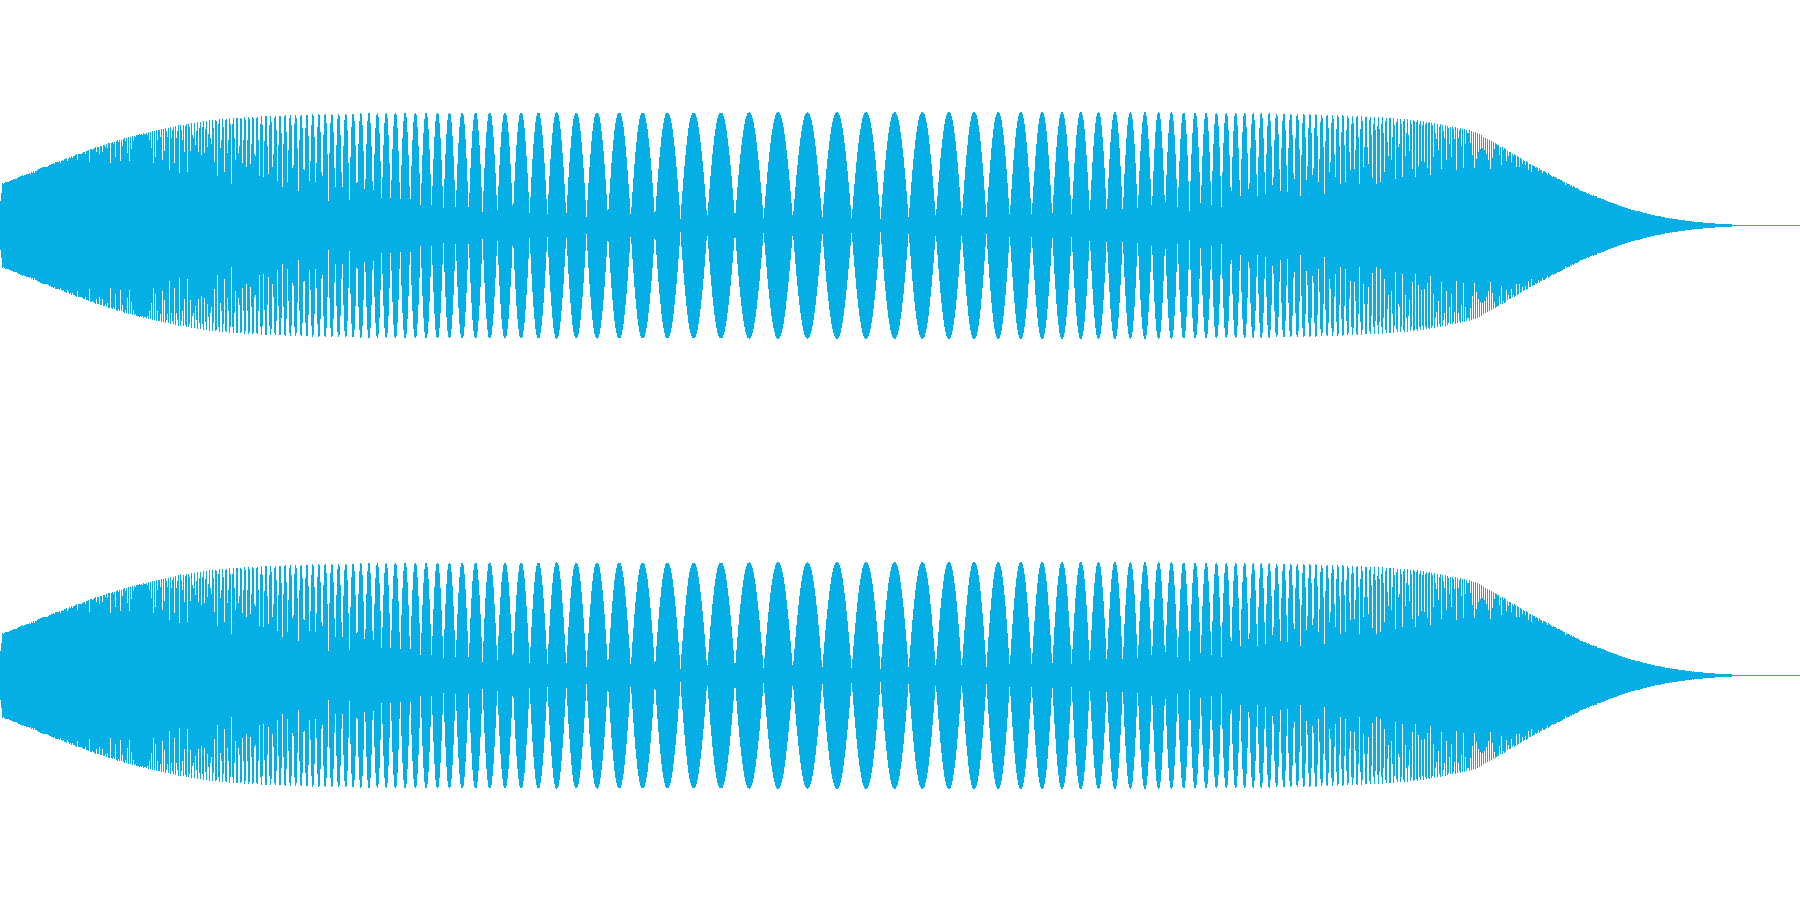 プニュ(柔らかいものを触ったような音)の再生済みの波形